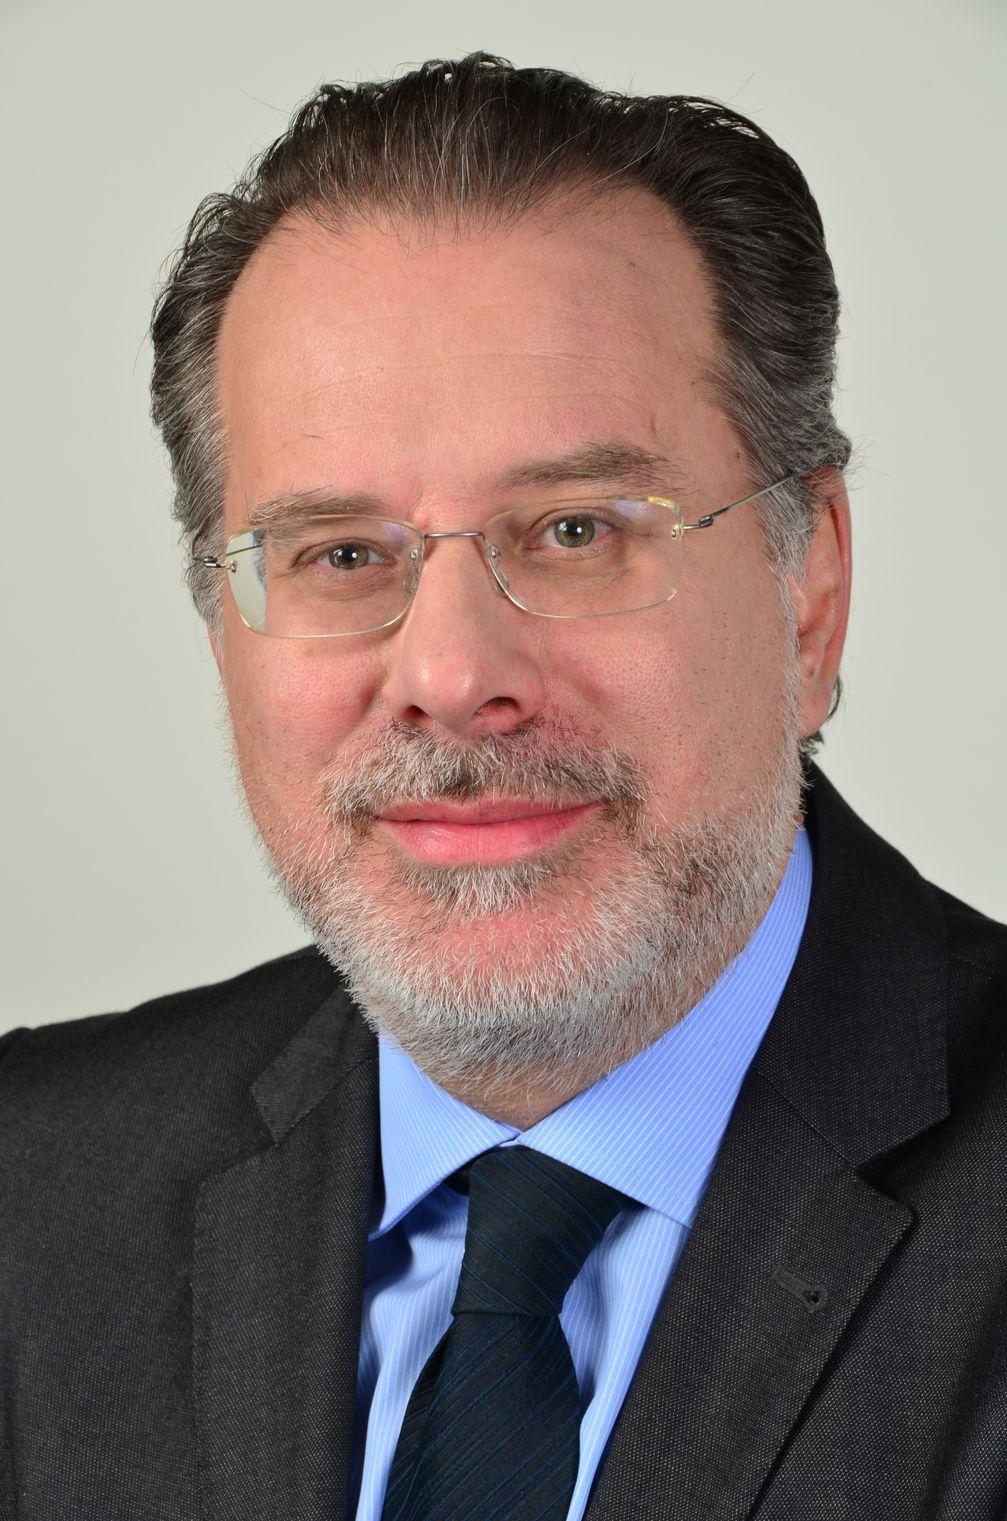 Georgios Koumoutsakos